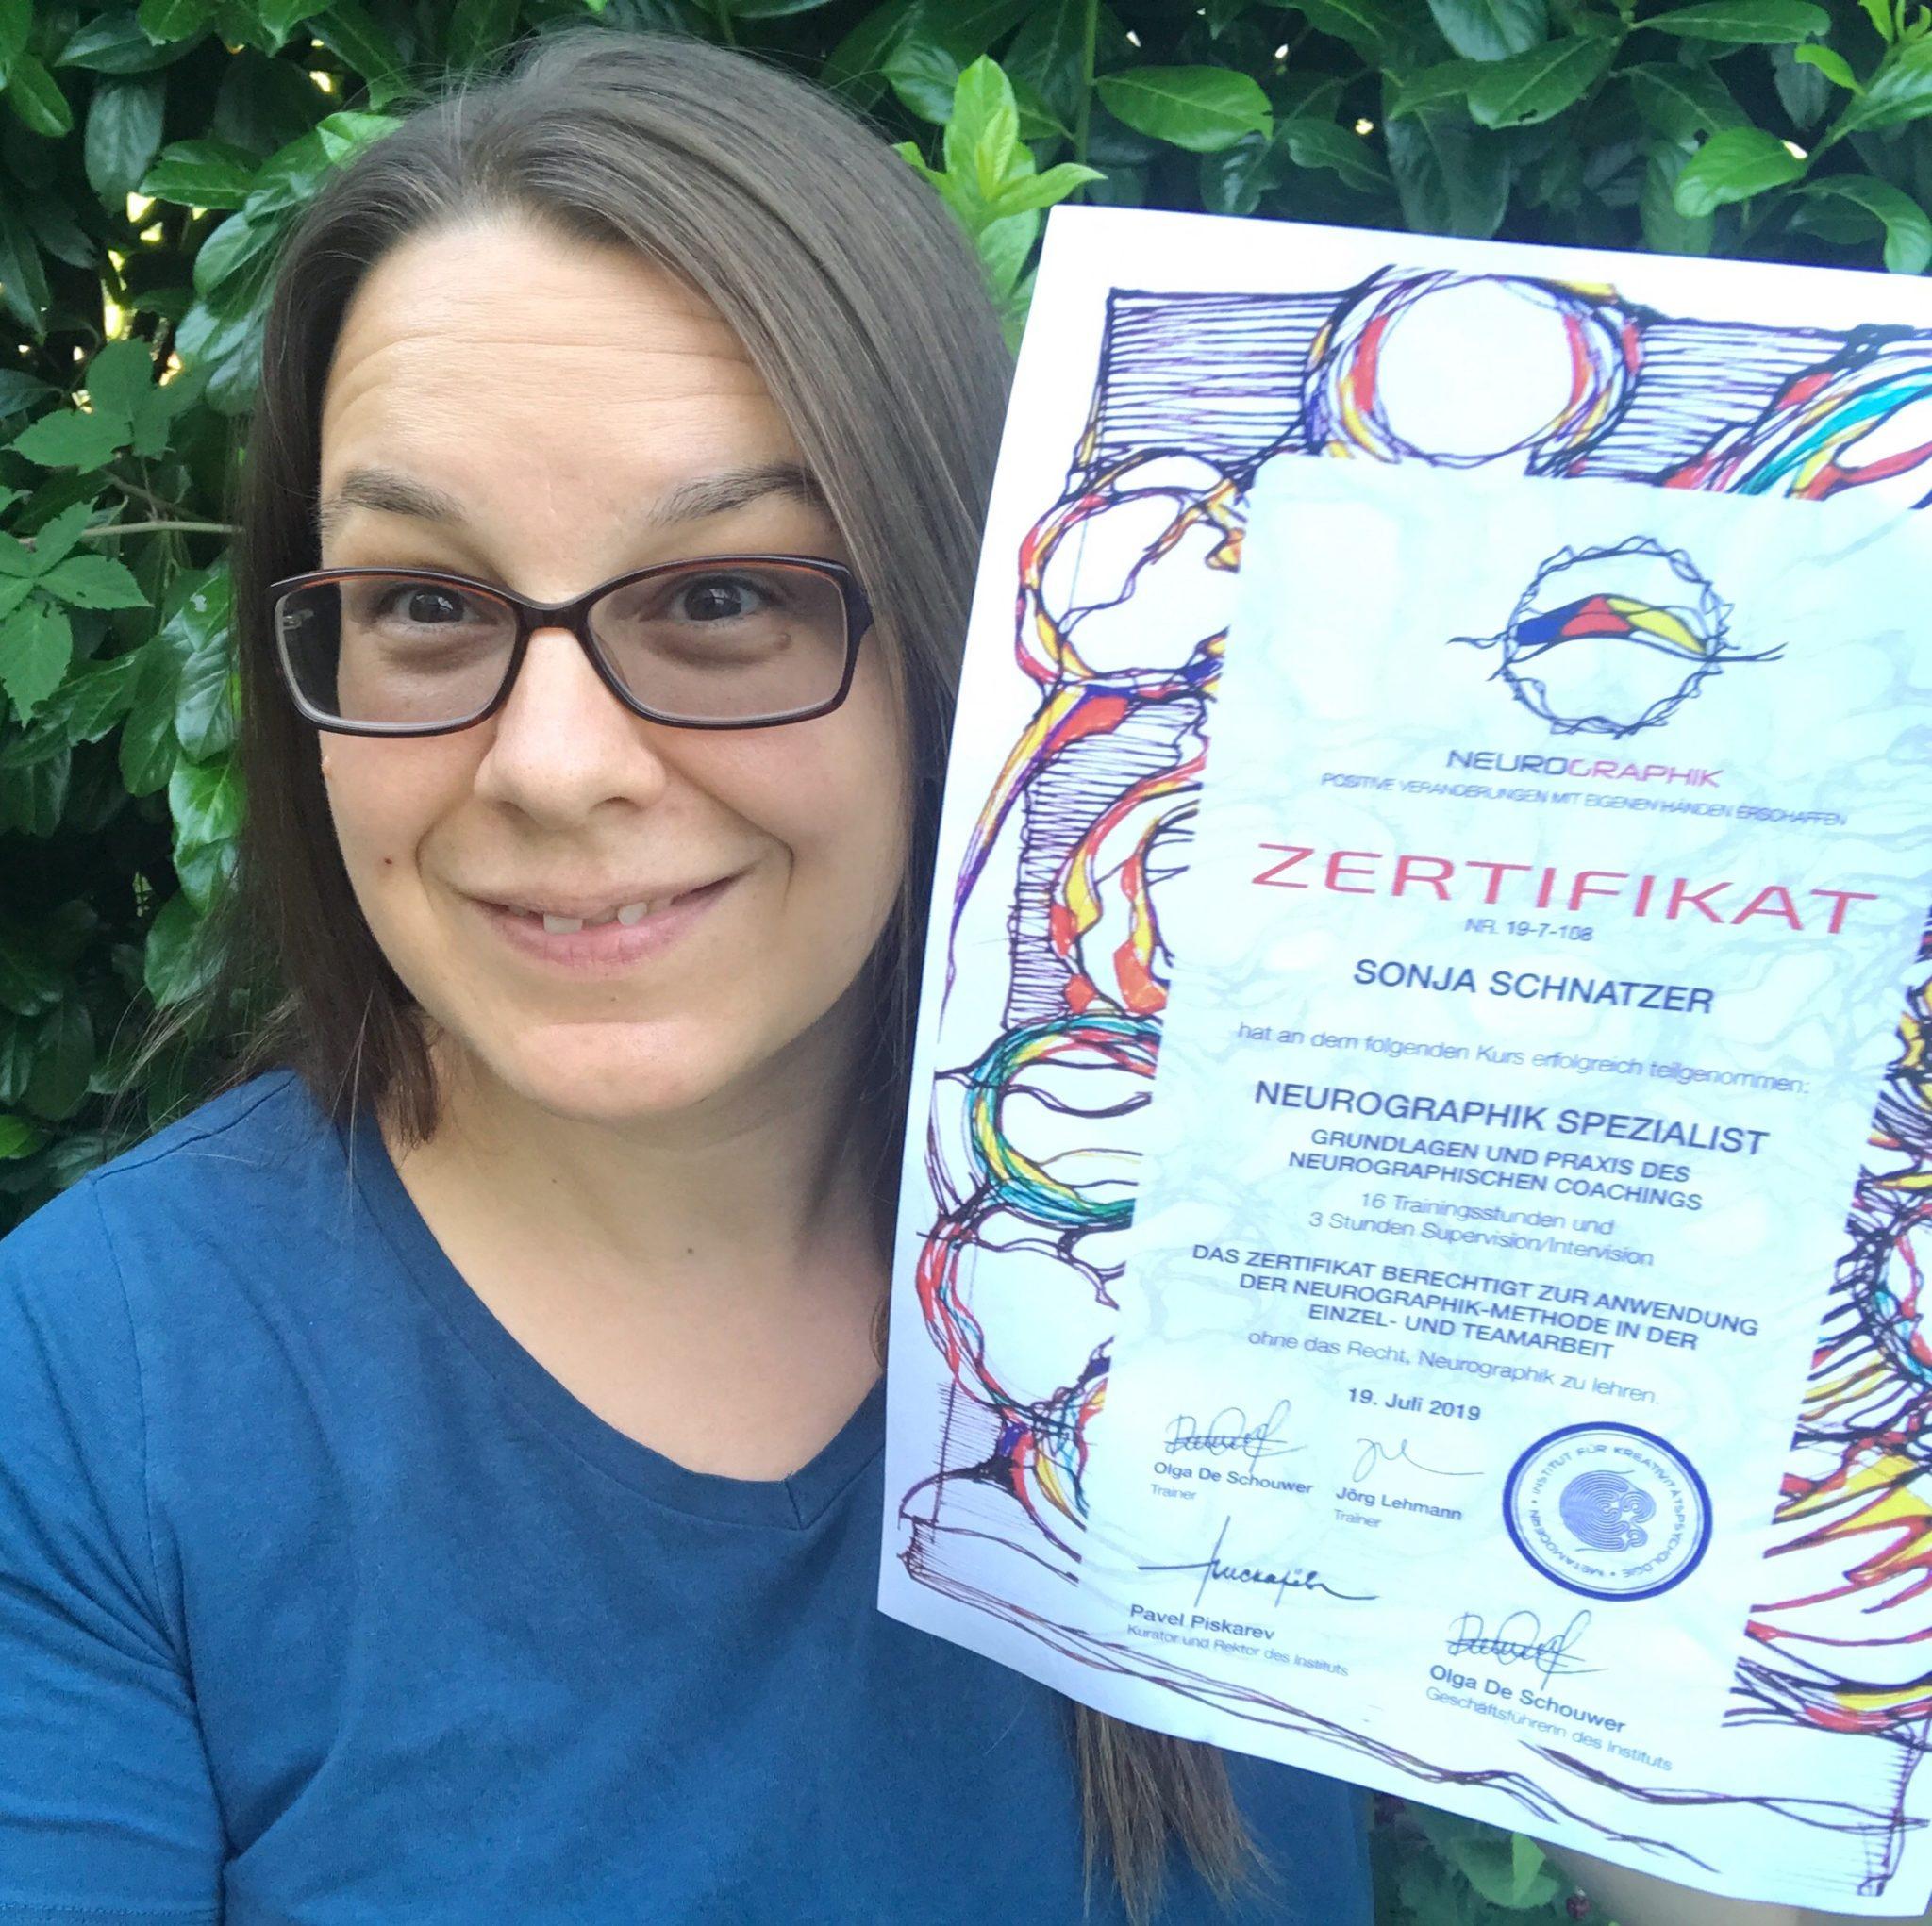 Sonja Schnatzer - Neurographik Spezialistin